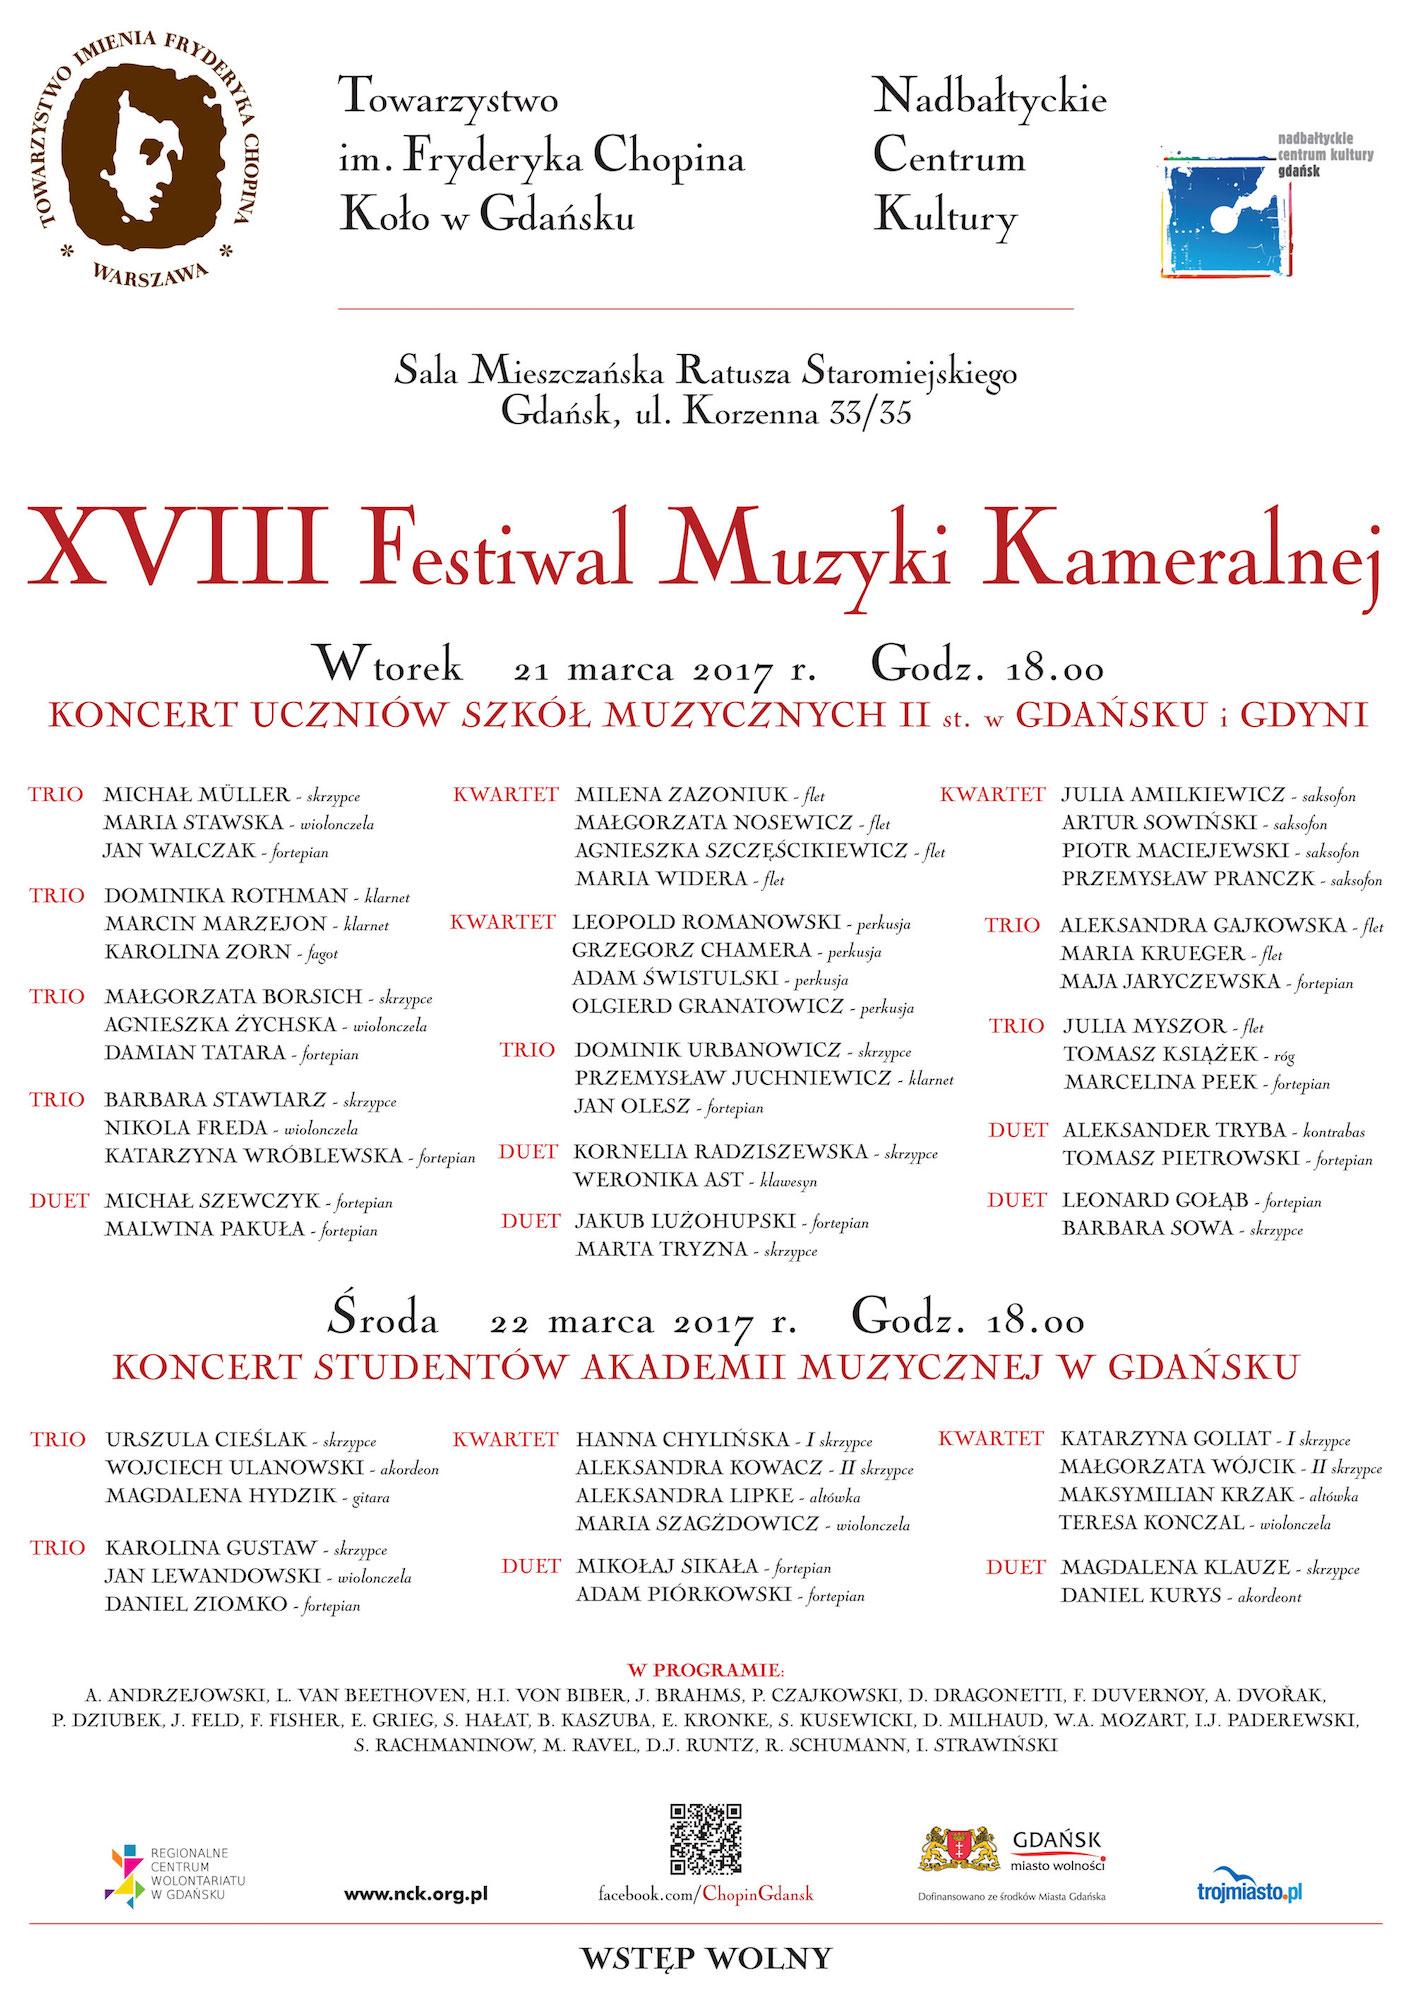 XVIII Festiwal Muzyki Kameralnej – plakat (źródło: materiały prasowe organizatora)